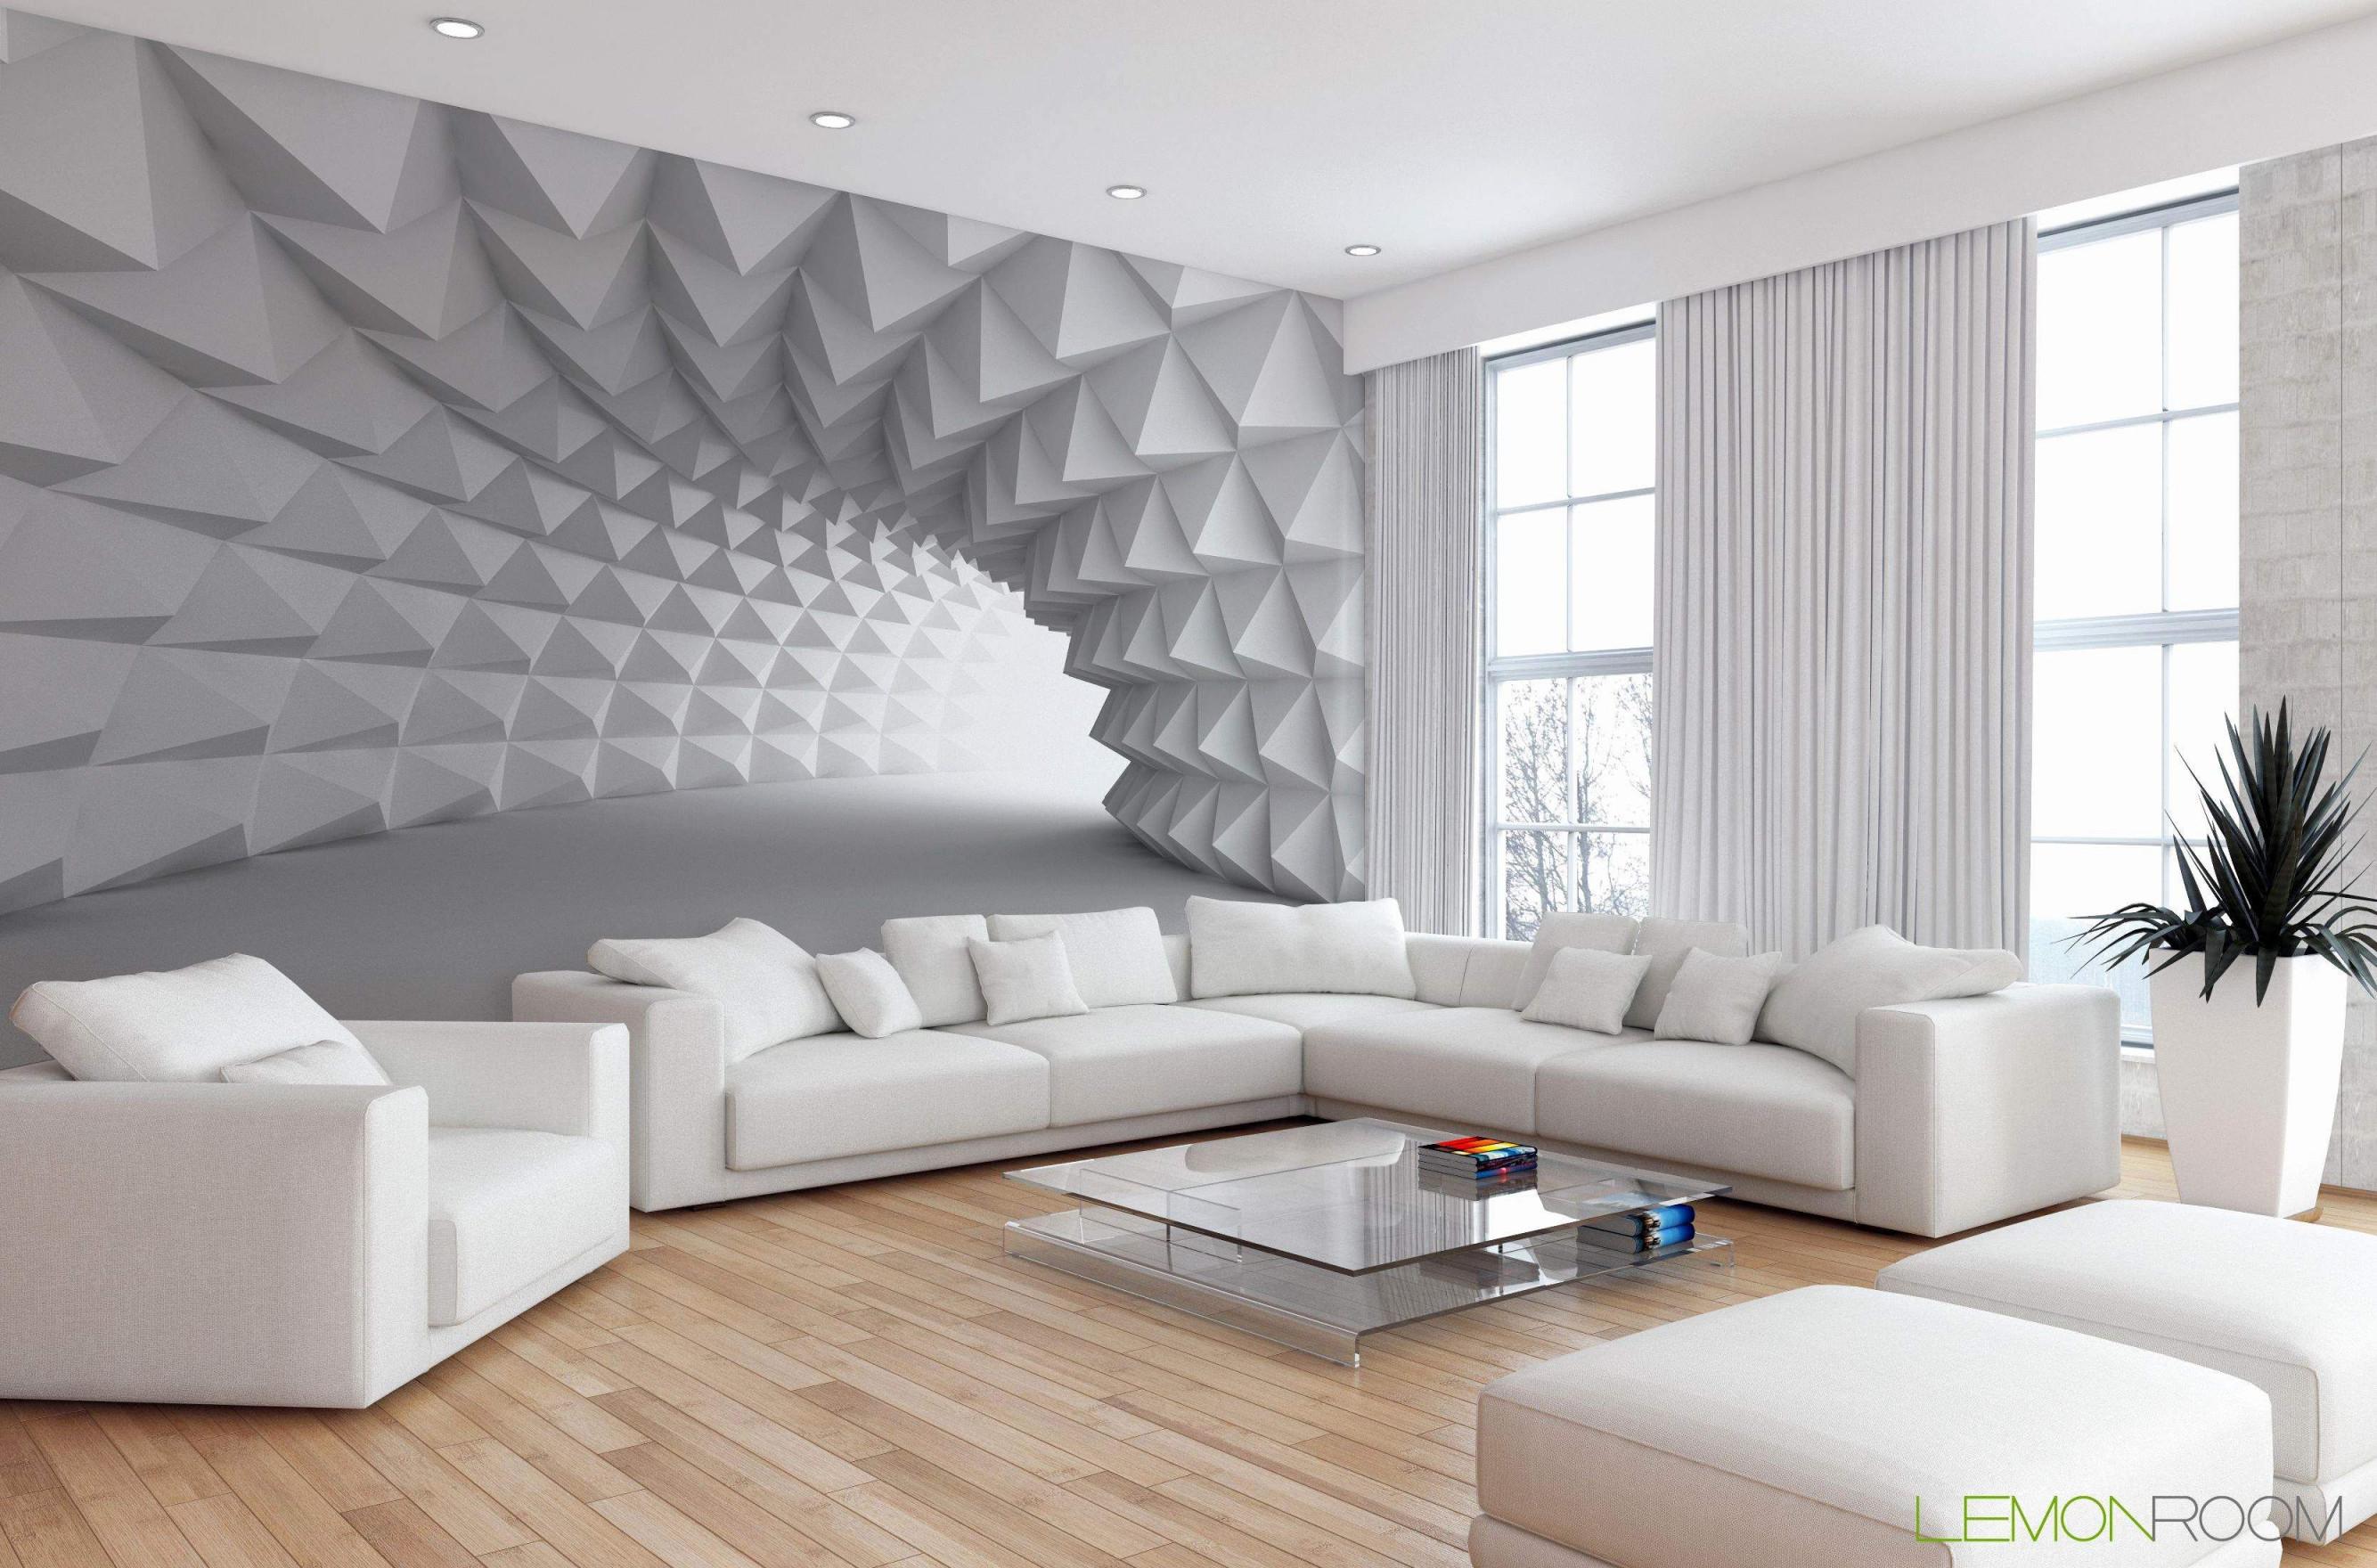 Moderne Wohnzimmer Tapeten Schön 31 Inspirierend Moderne von Bilder Tapeten Wohnzimmer Photo